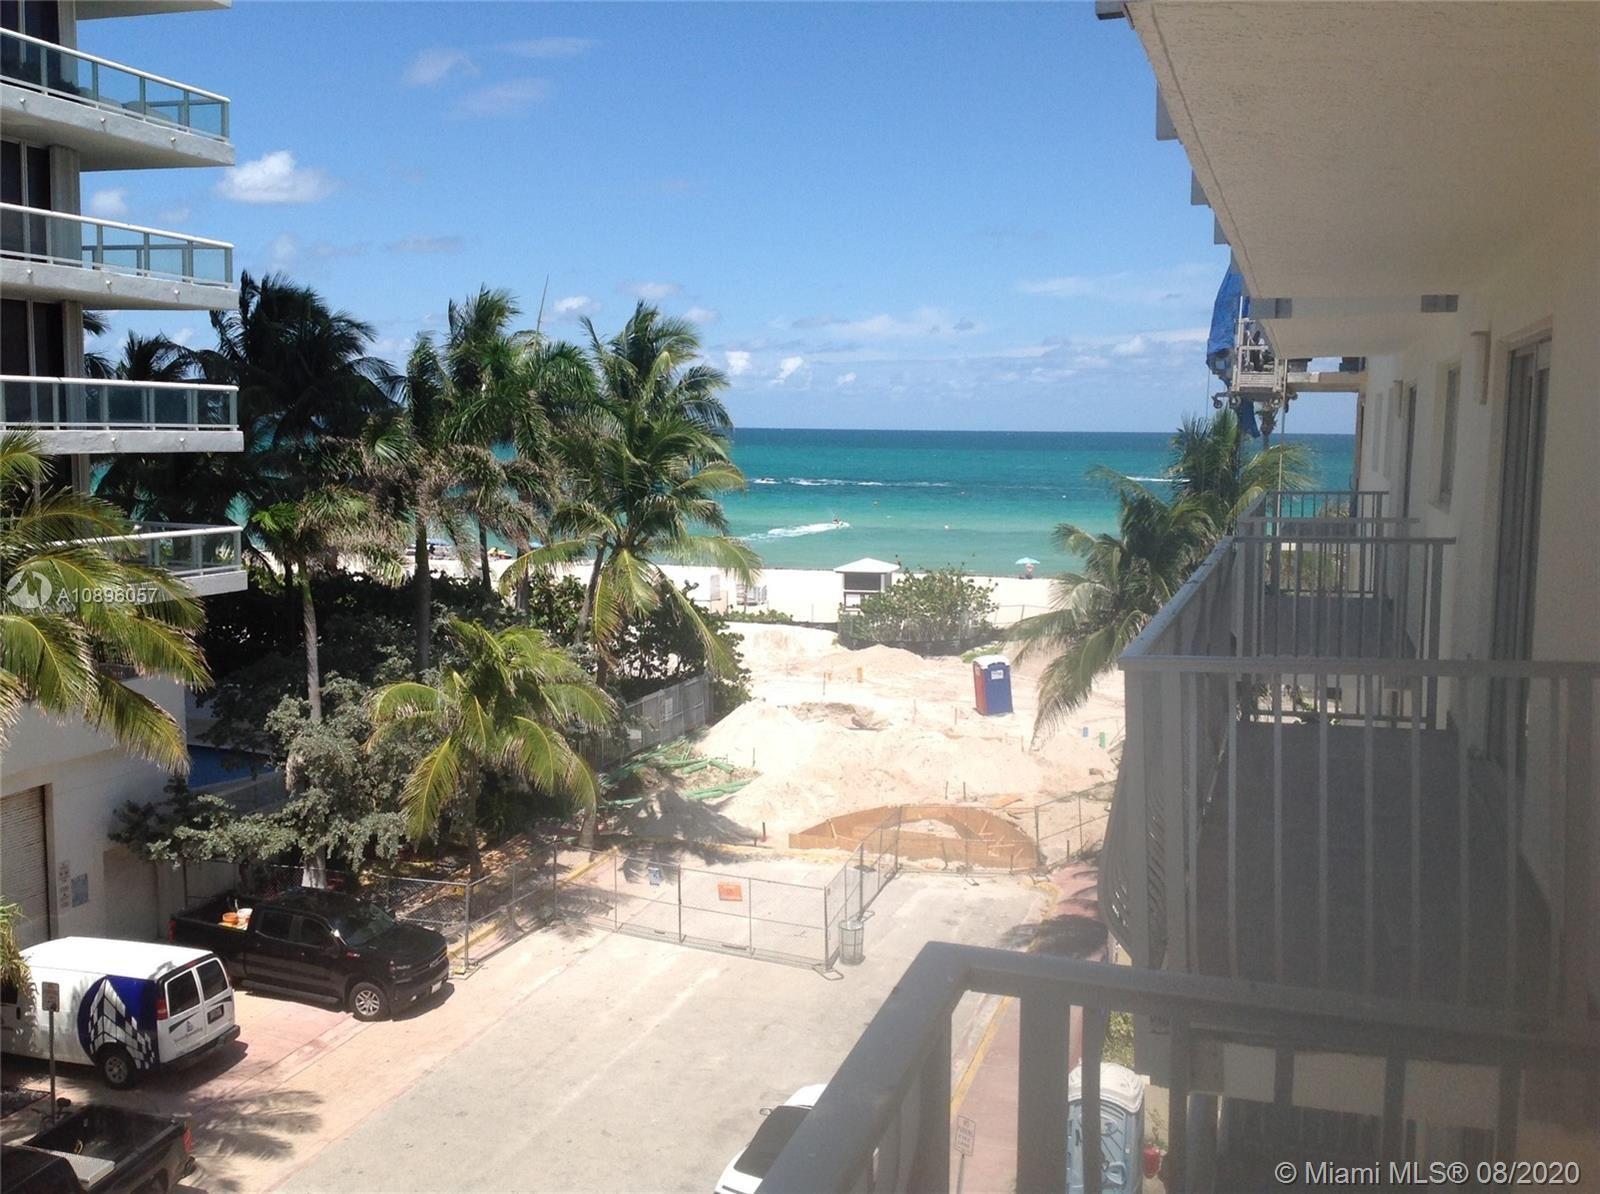 4141 Collins Ave #407, Miami Beach, FL 33140 - #: A10896057